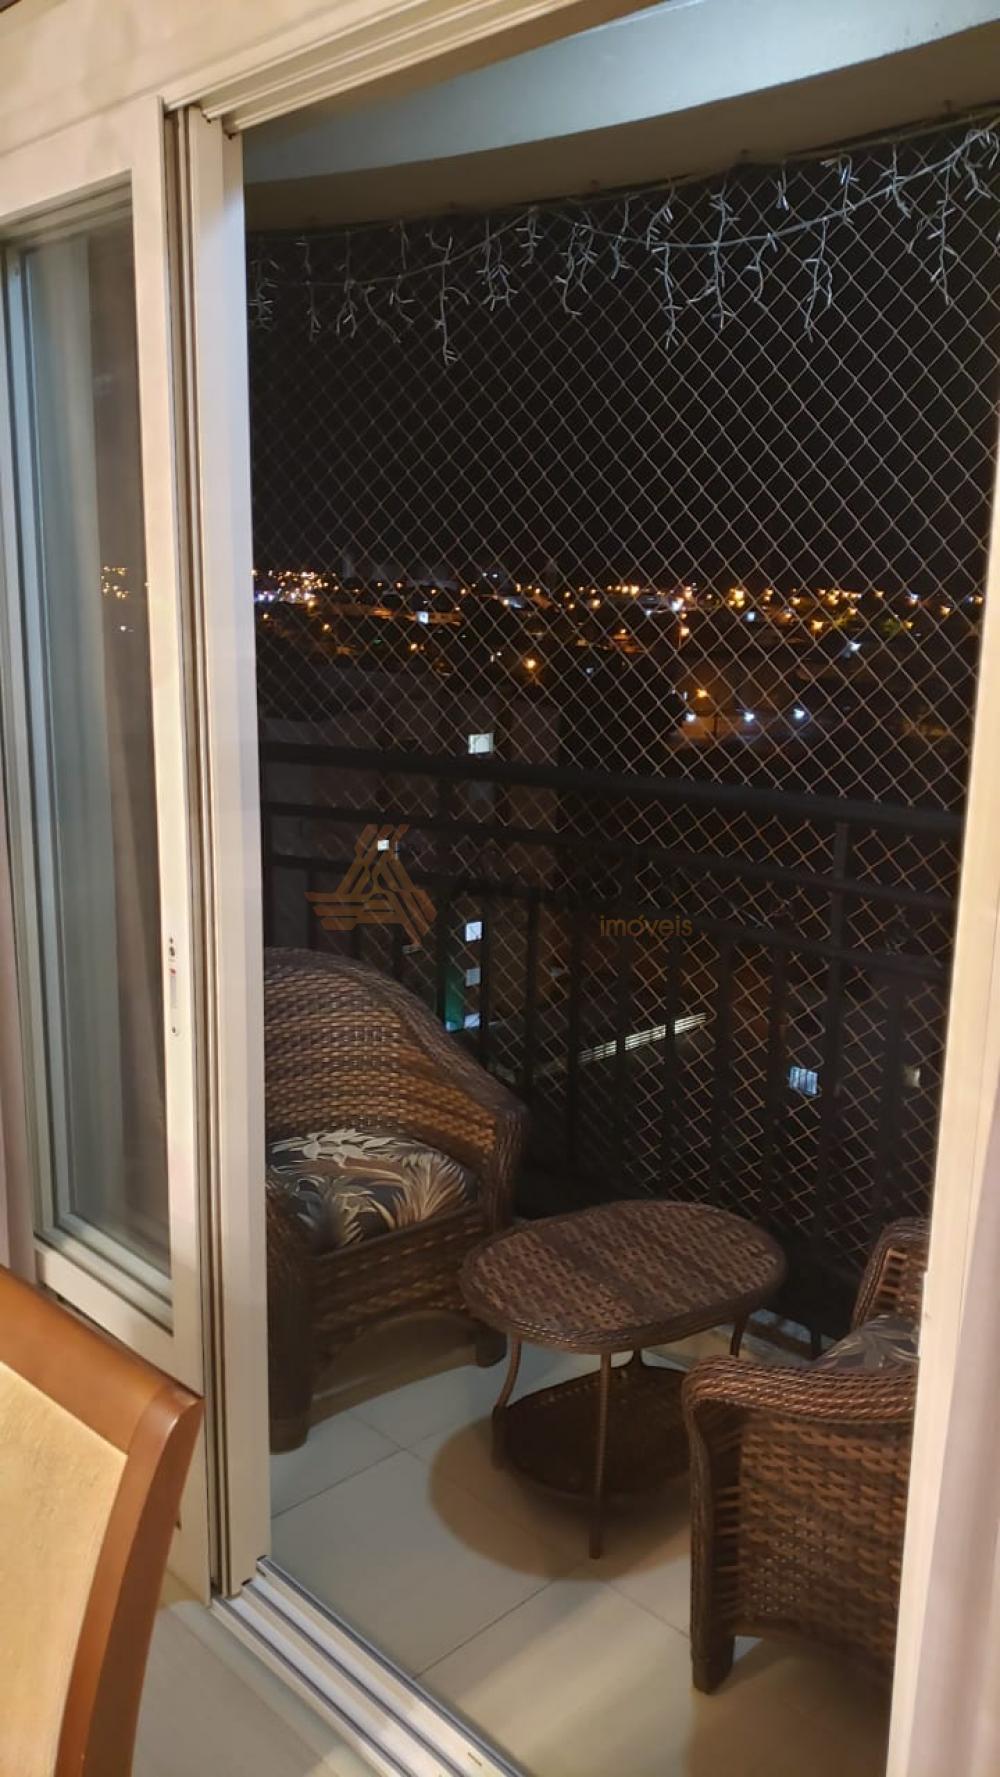 Comprar Apartamento / Padrão em Franca R$ 690.000,00 - Foto 2